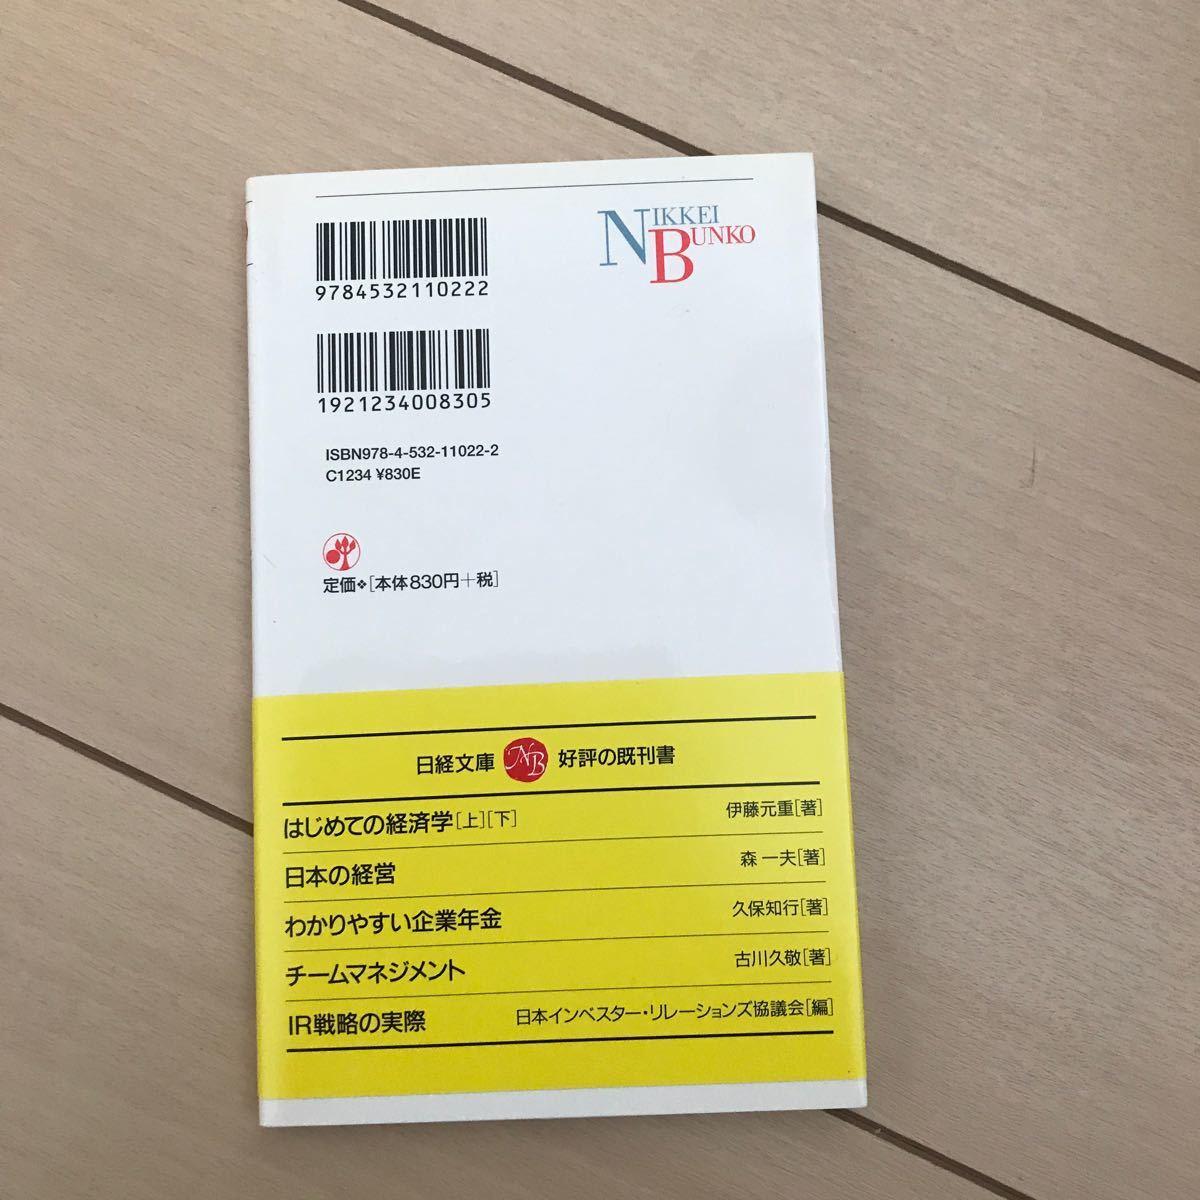 ビジネスマナ-入門   第2版/日本経済新聞出版社/梅島みよ (新書)